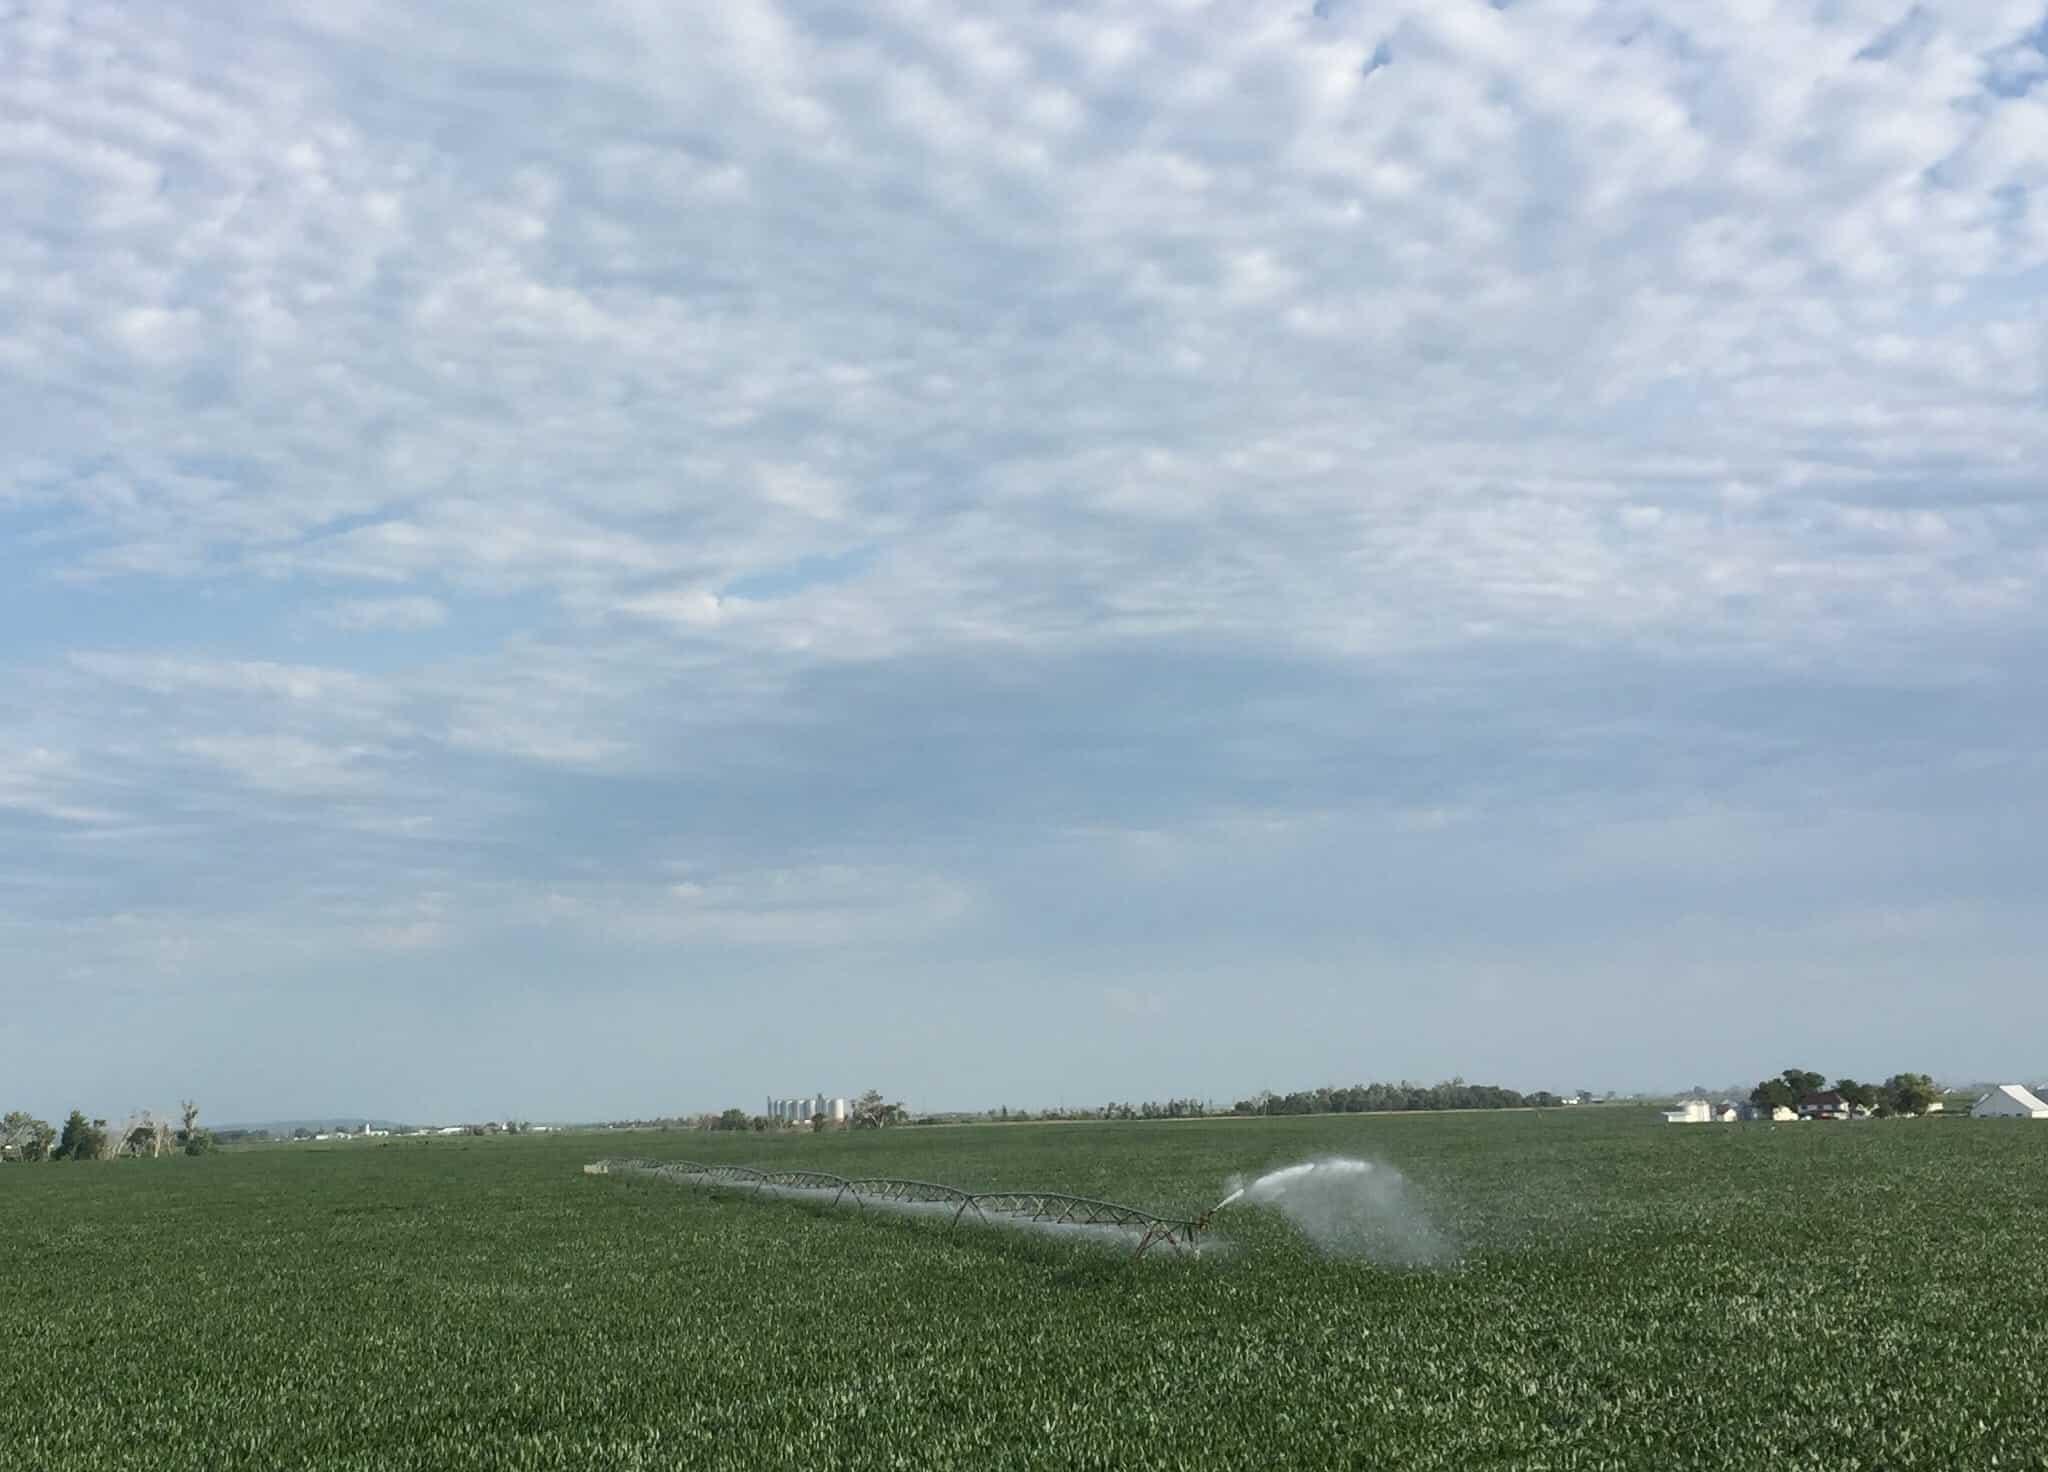 oswald_irrigation